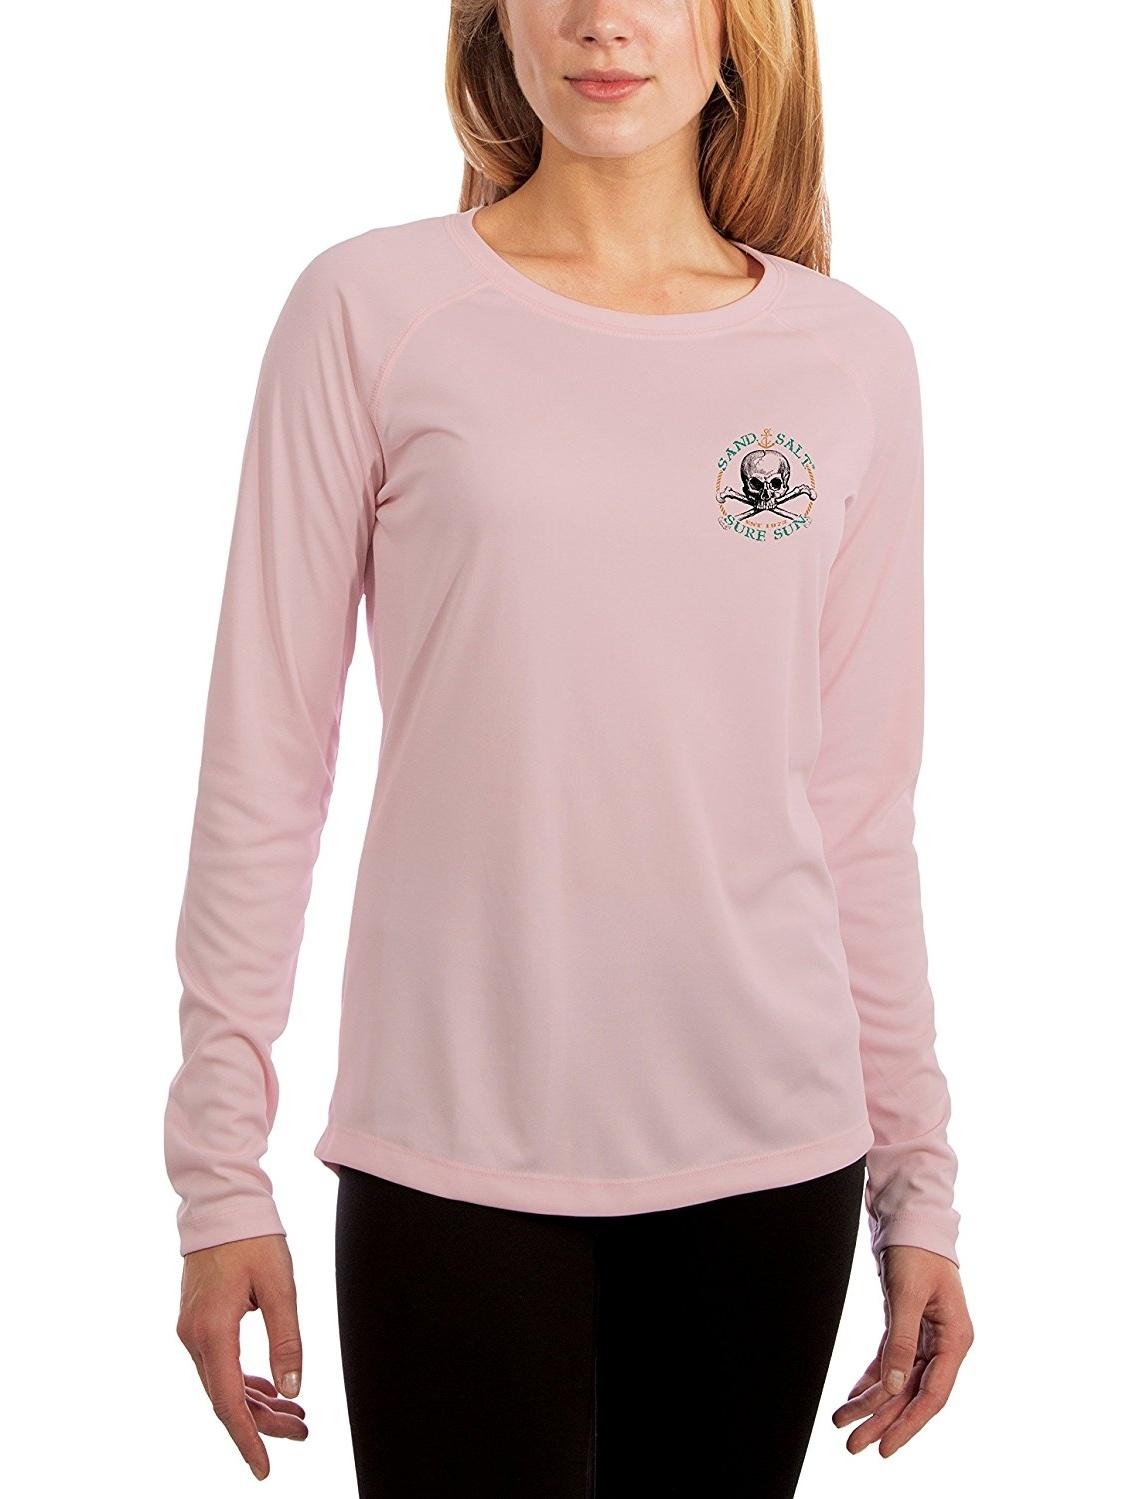 UV//Sun Protection Long Sleeve T-Shirt Neptune Women/'s UPF 50